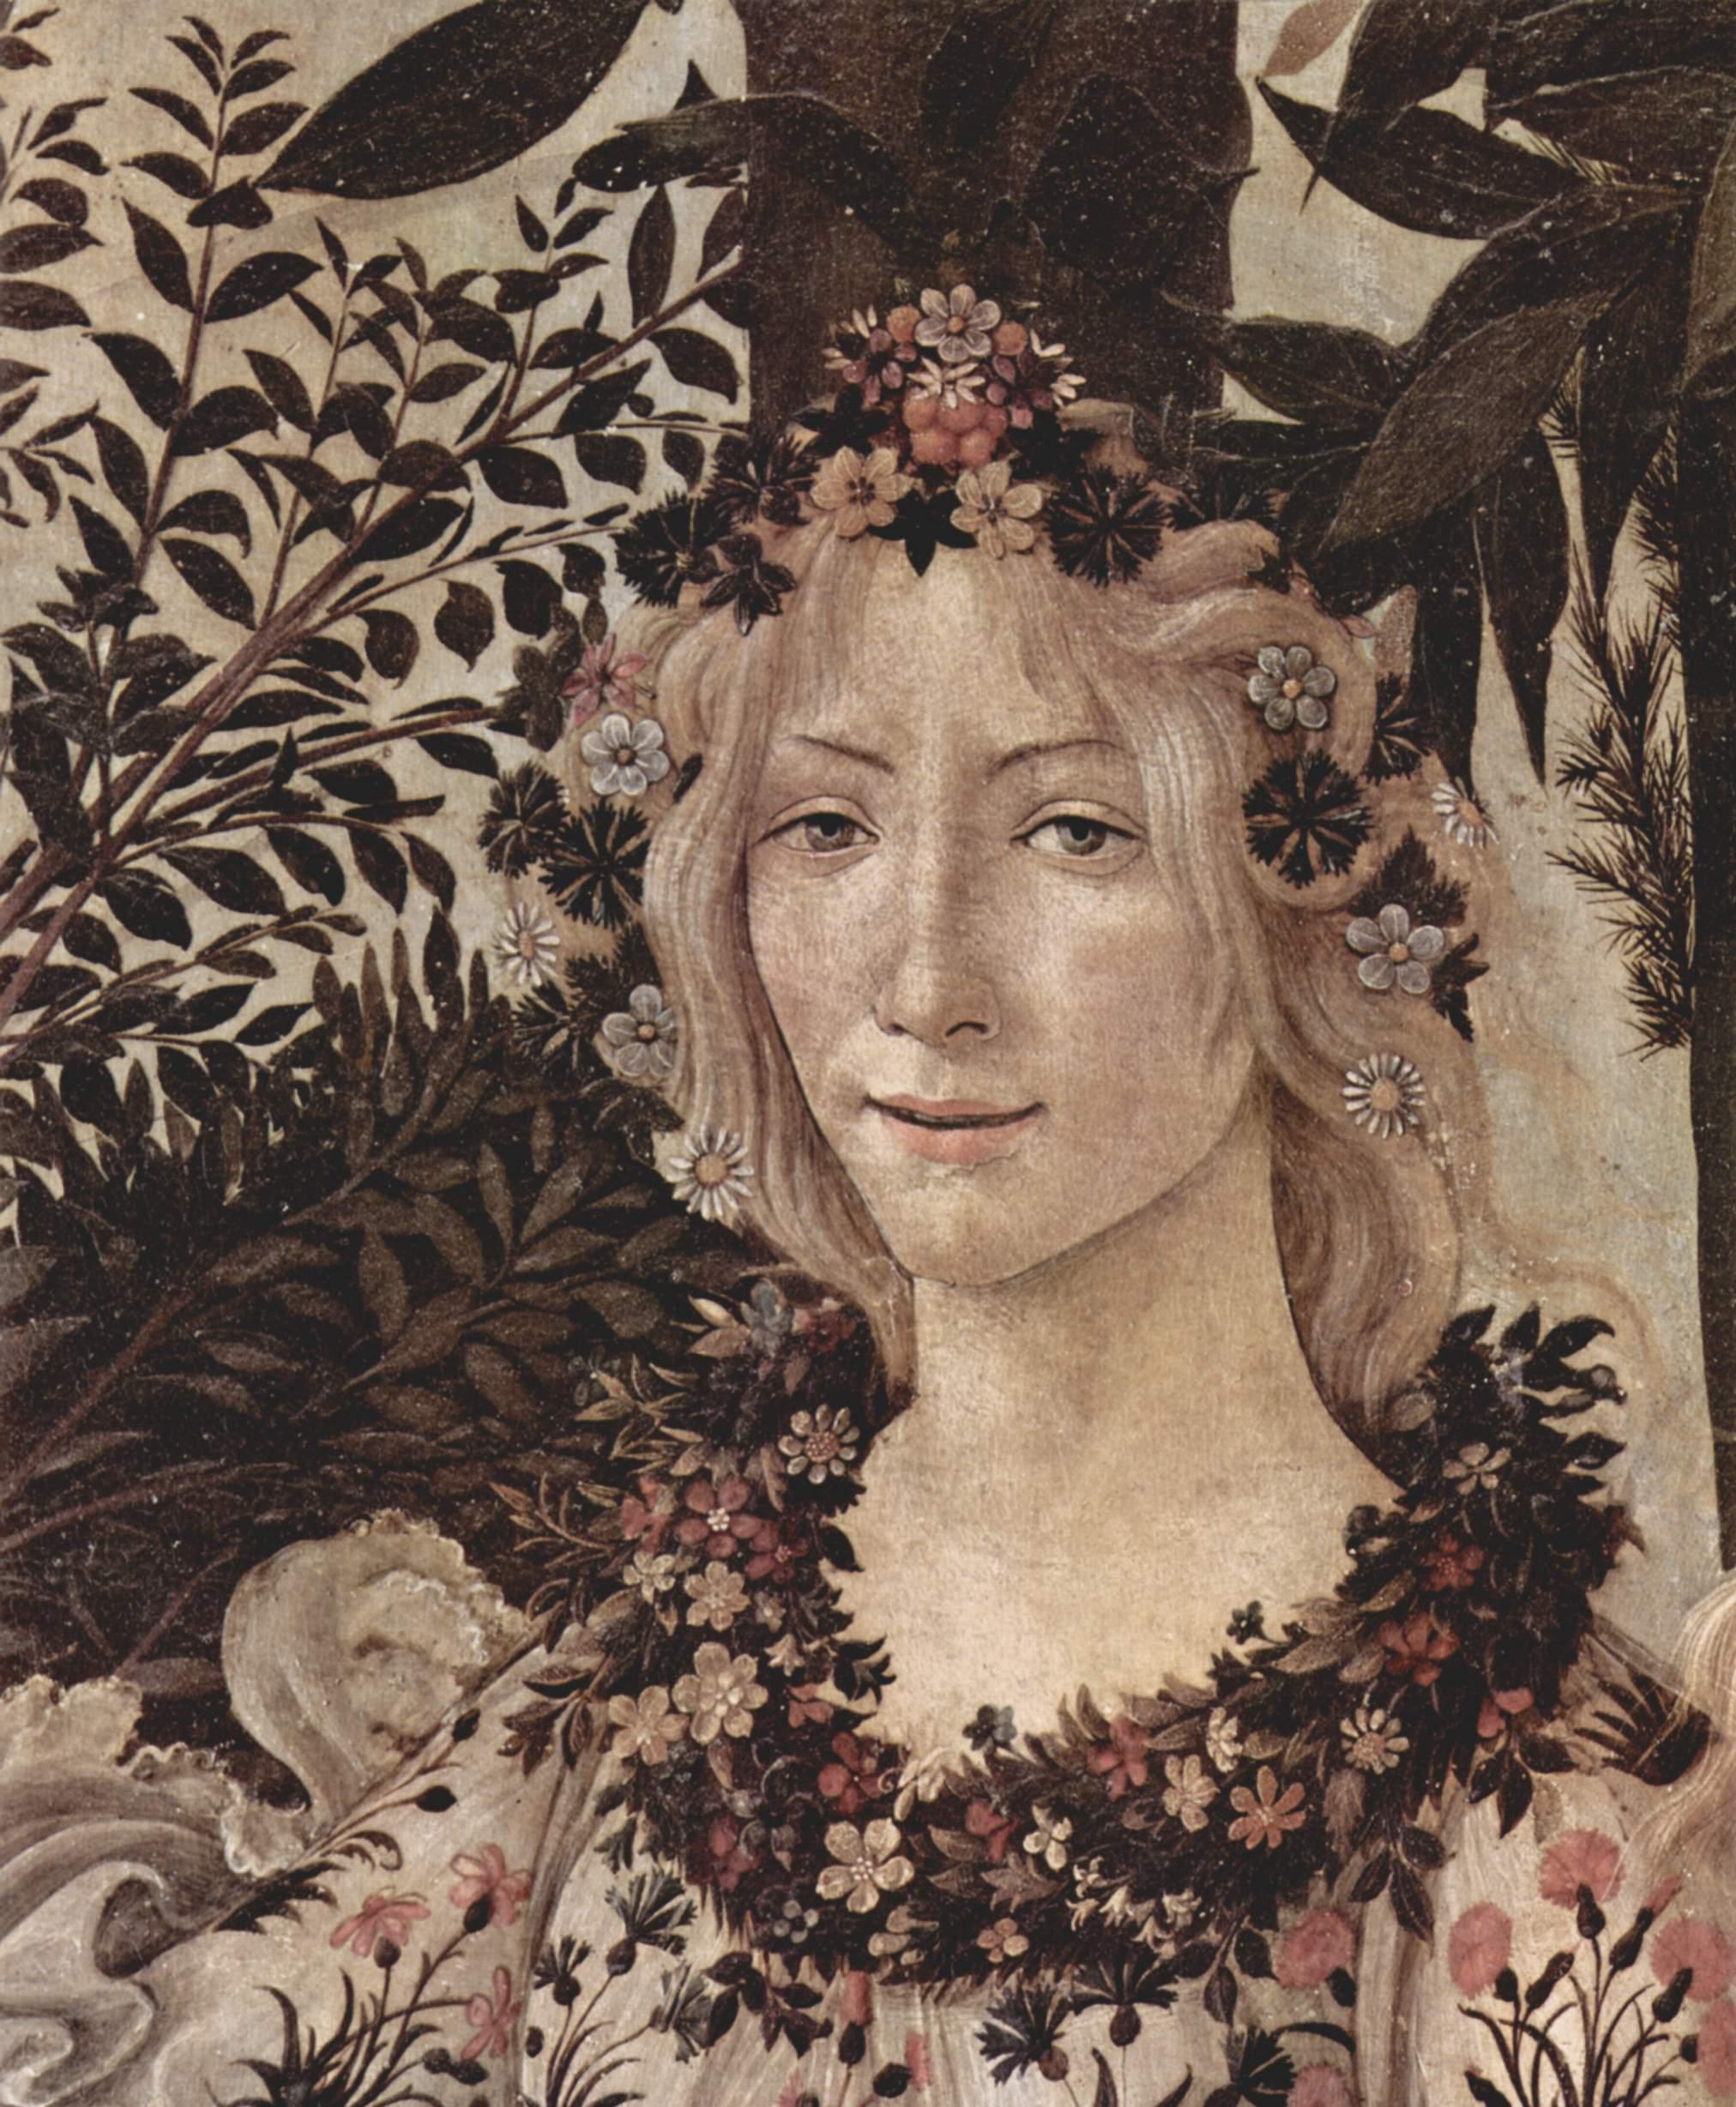 Sandro_Botticelli_040.jpg